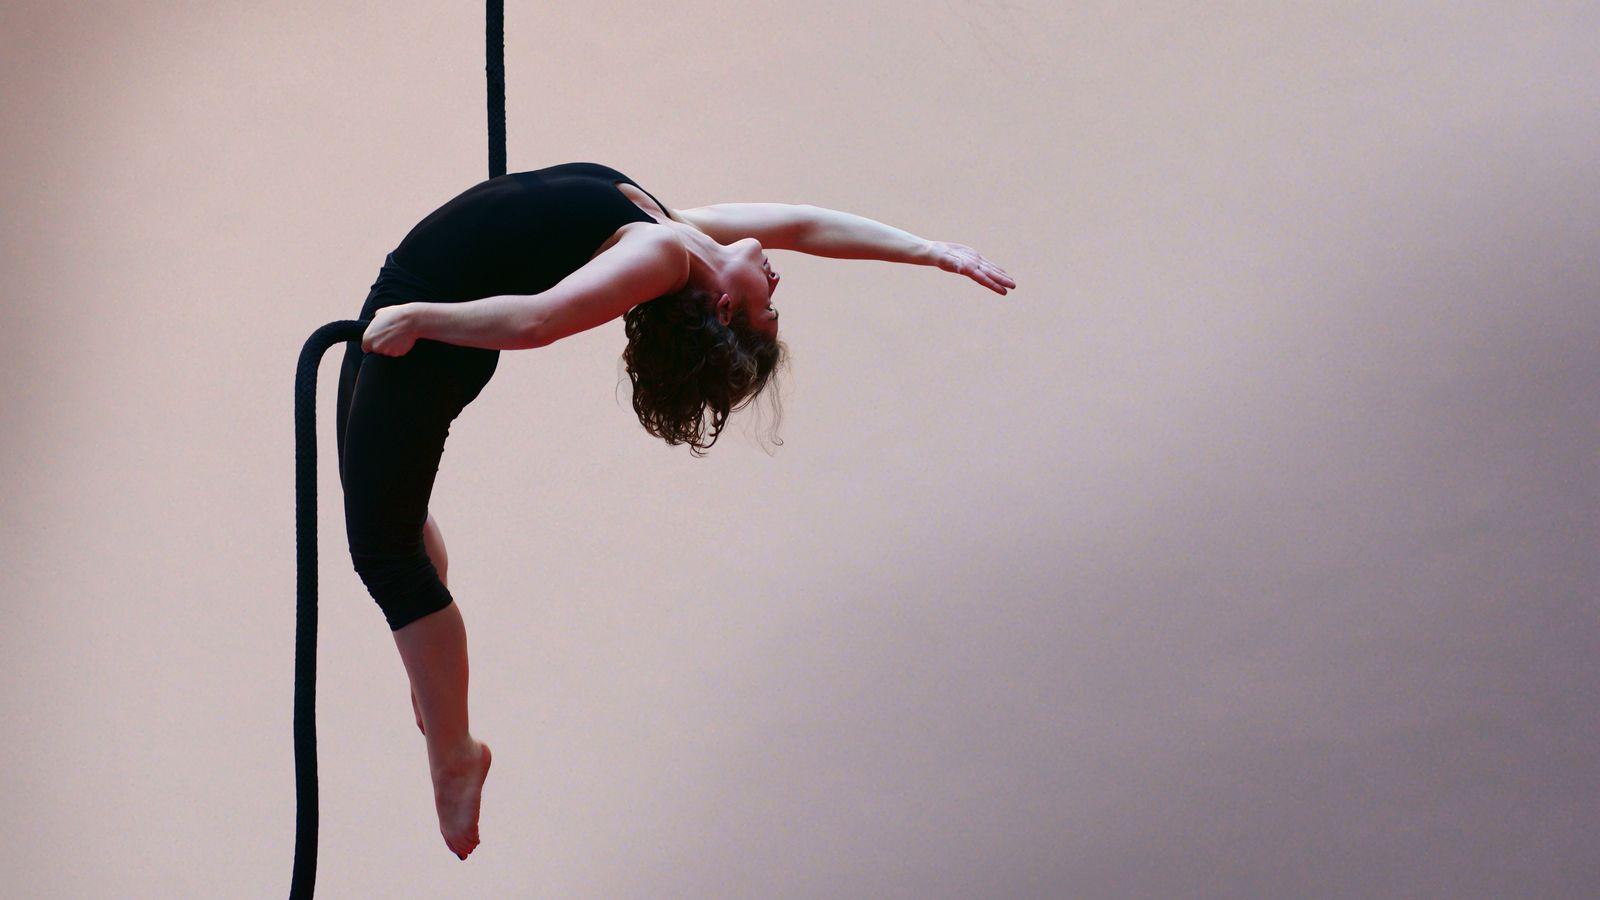 Margot fait de la corde lisse au gymnase d'Overground Circus. Brian Wilson a sélectionné cette photo pour l'éditeur choice de 500px.com.